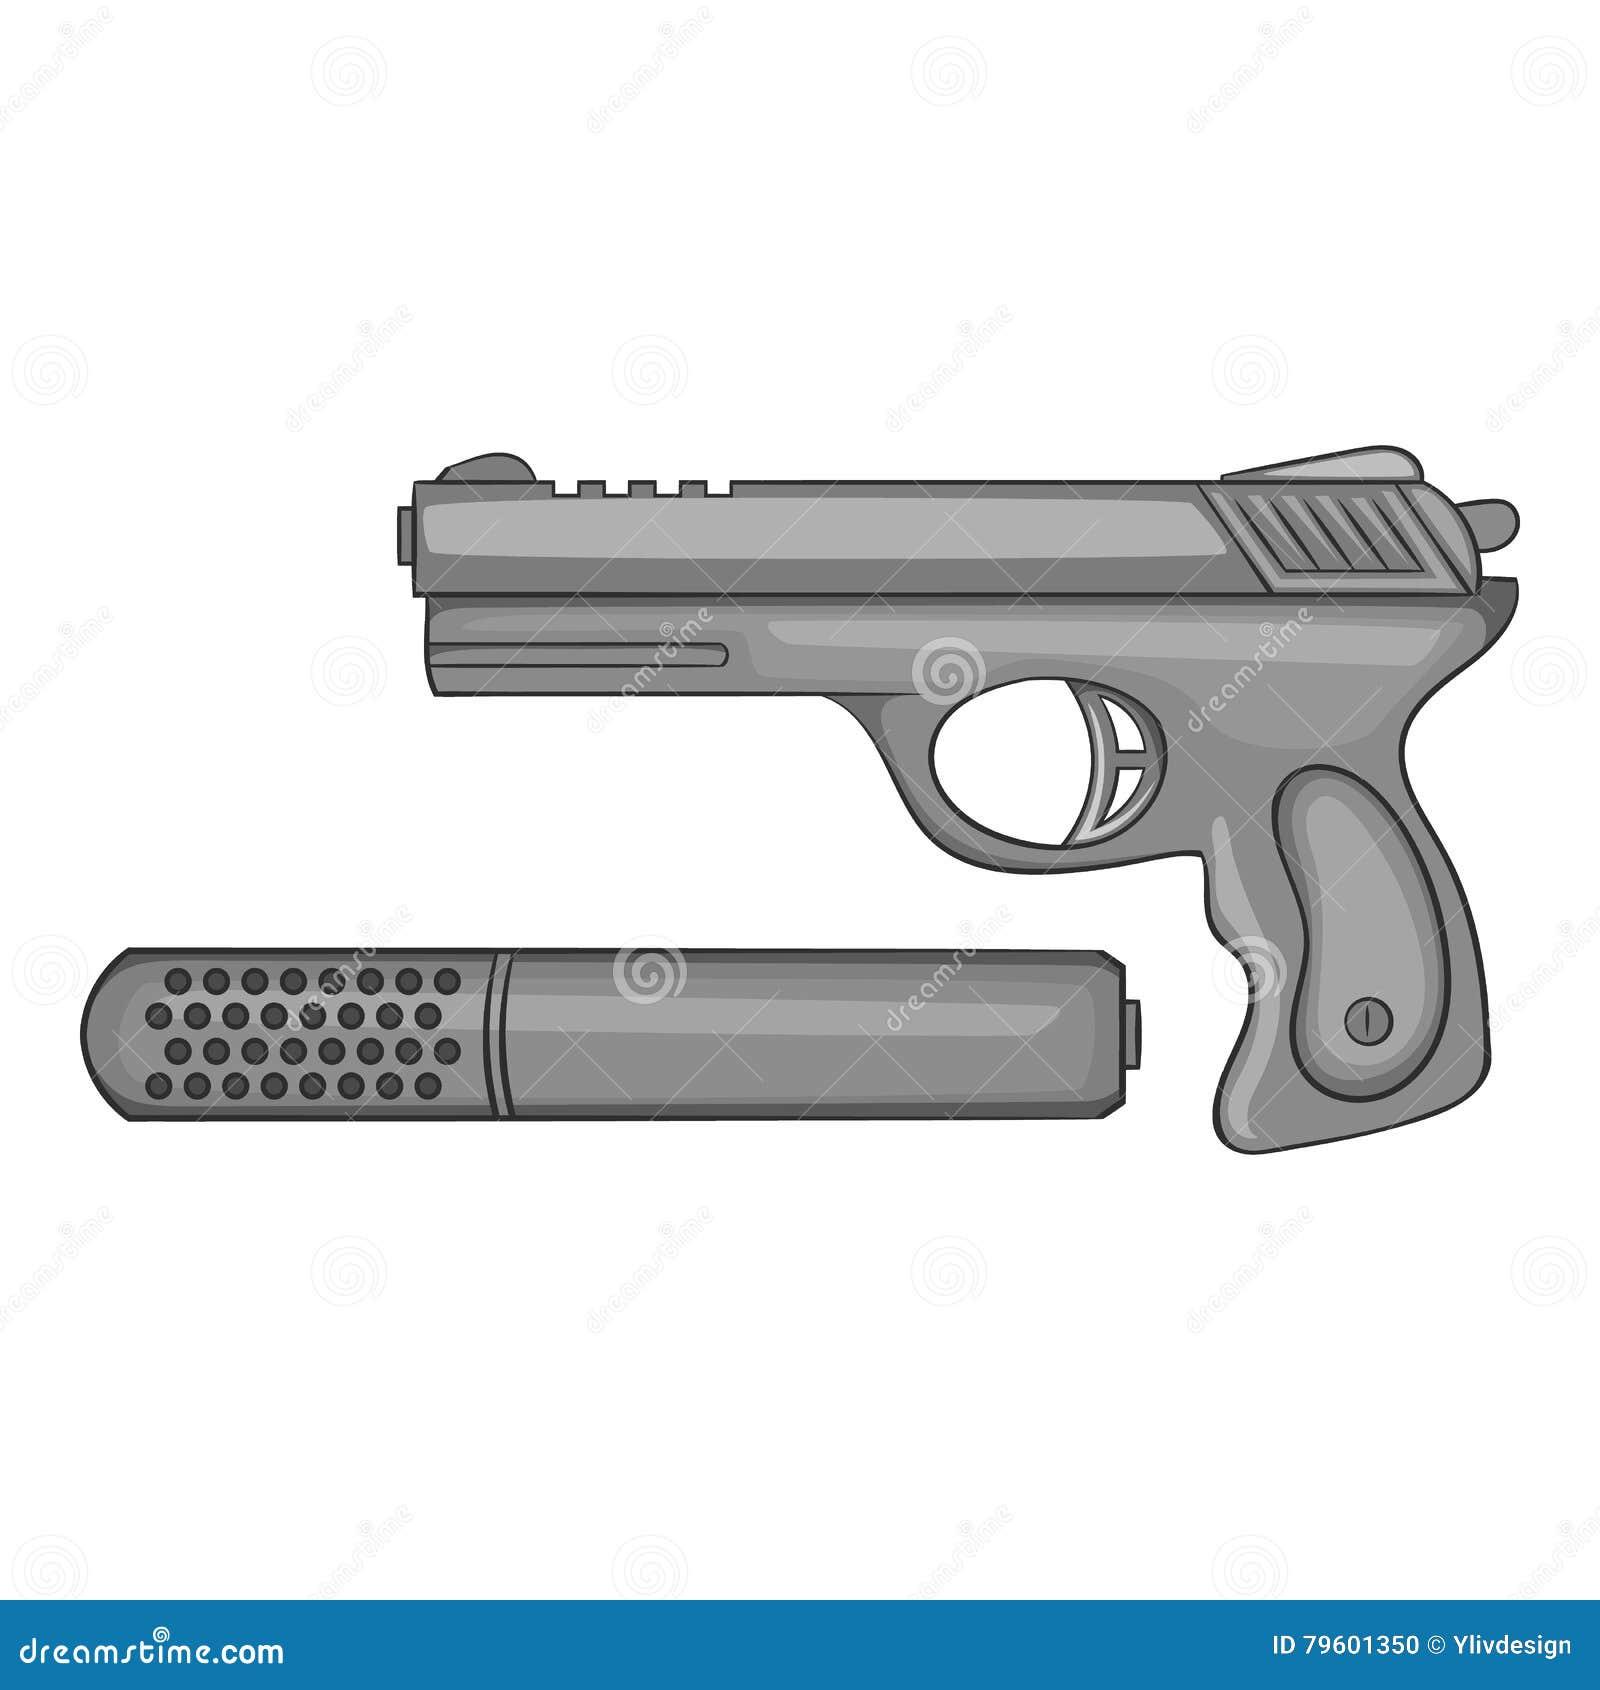 Pistola com um ícone do silenciador, estilo monocromático